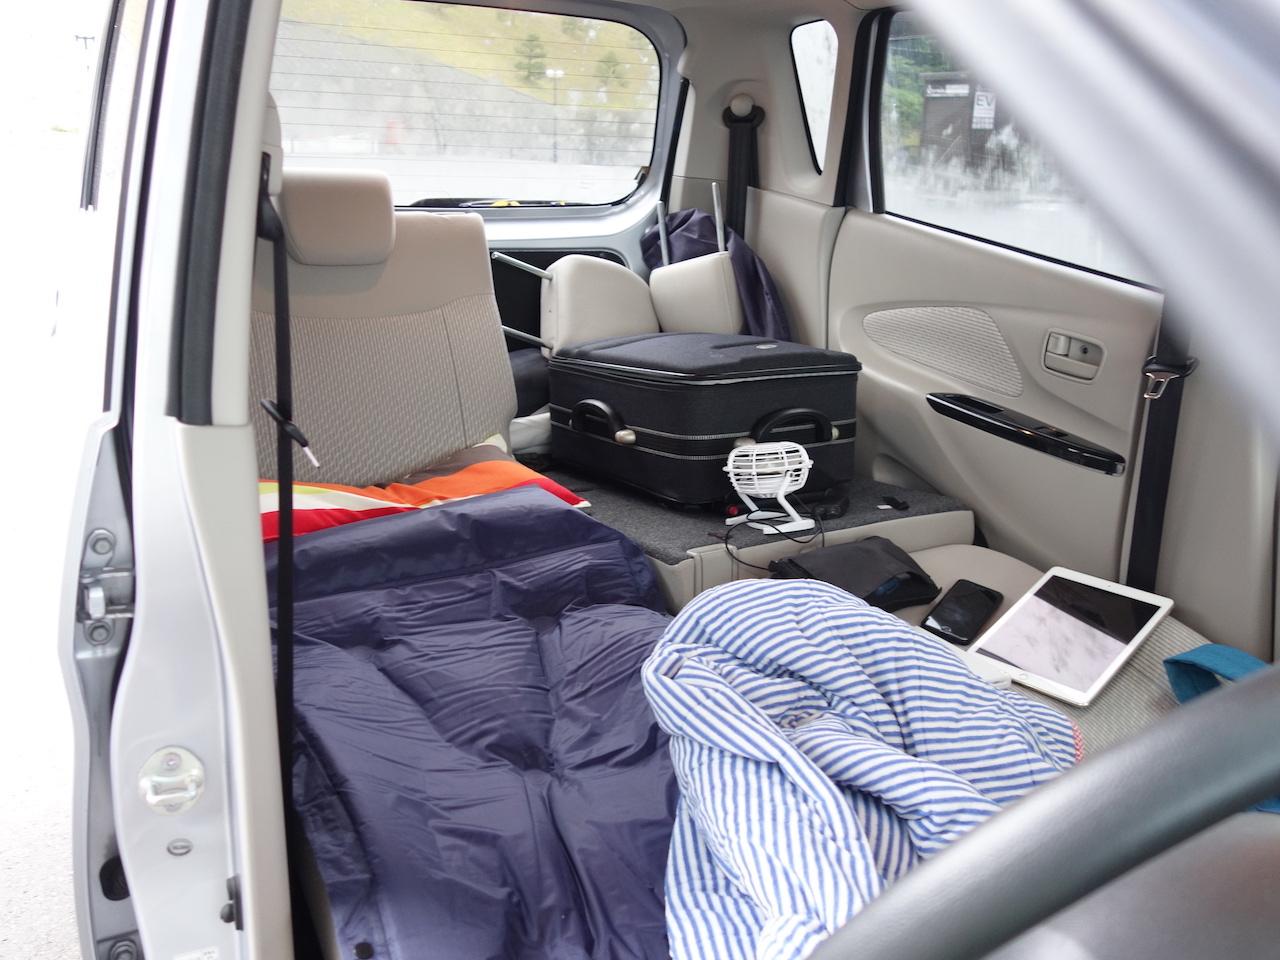 初めての車中泊で困ったことは蚊!他にも欲しいものがたくさん出てきた